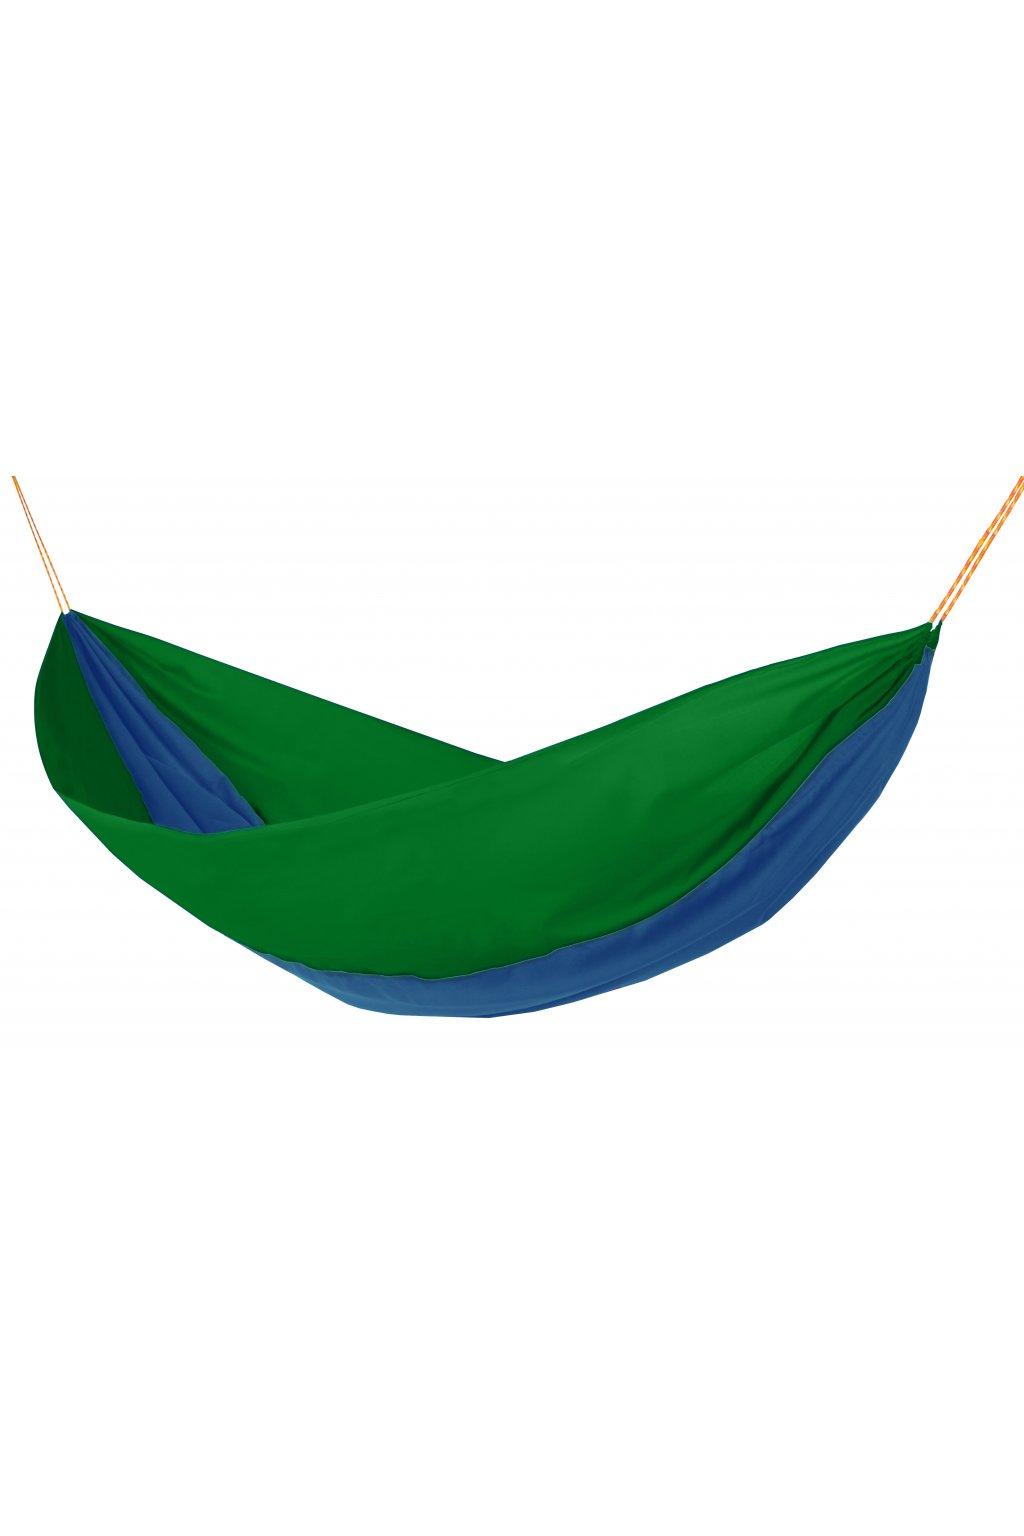 Hamaka zeleno modro zelena